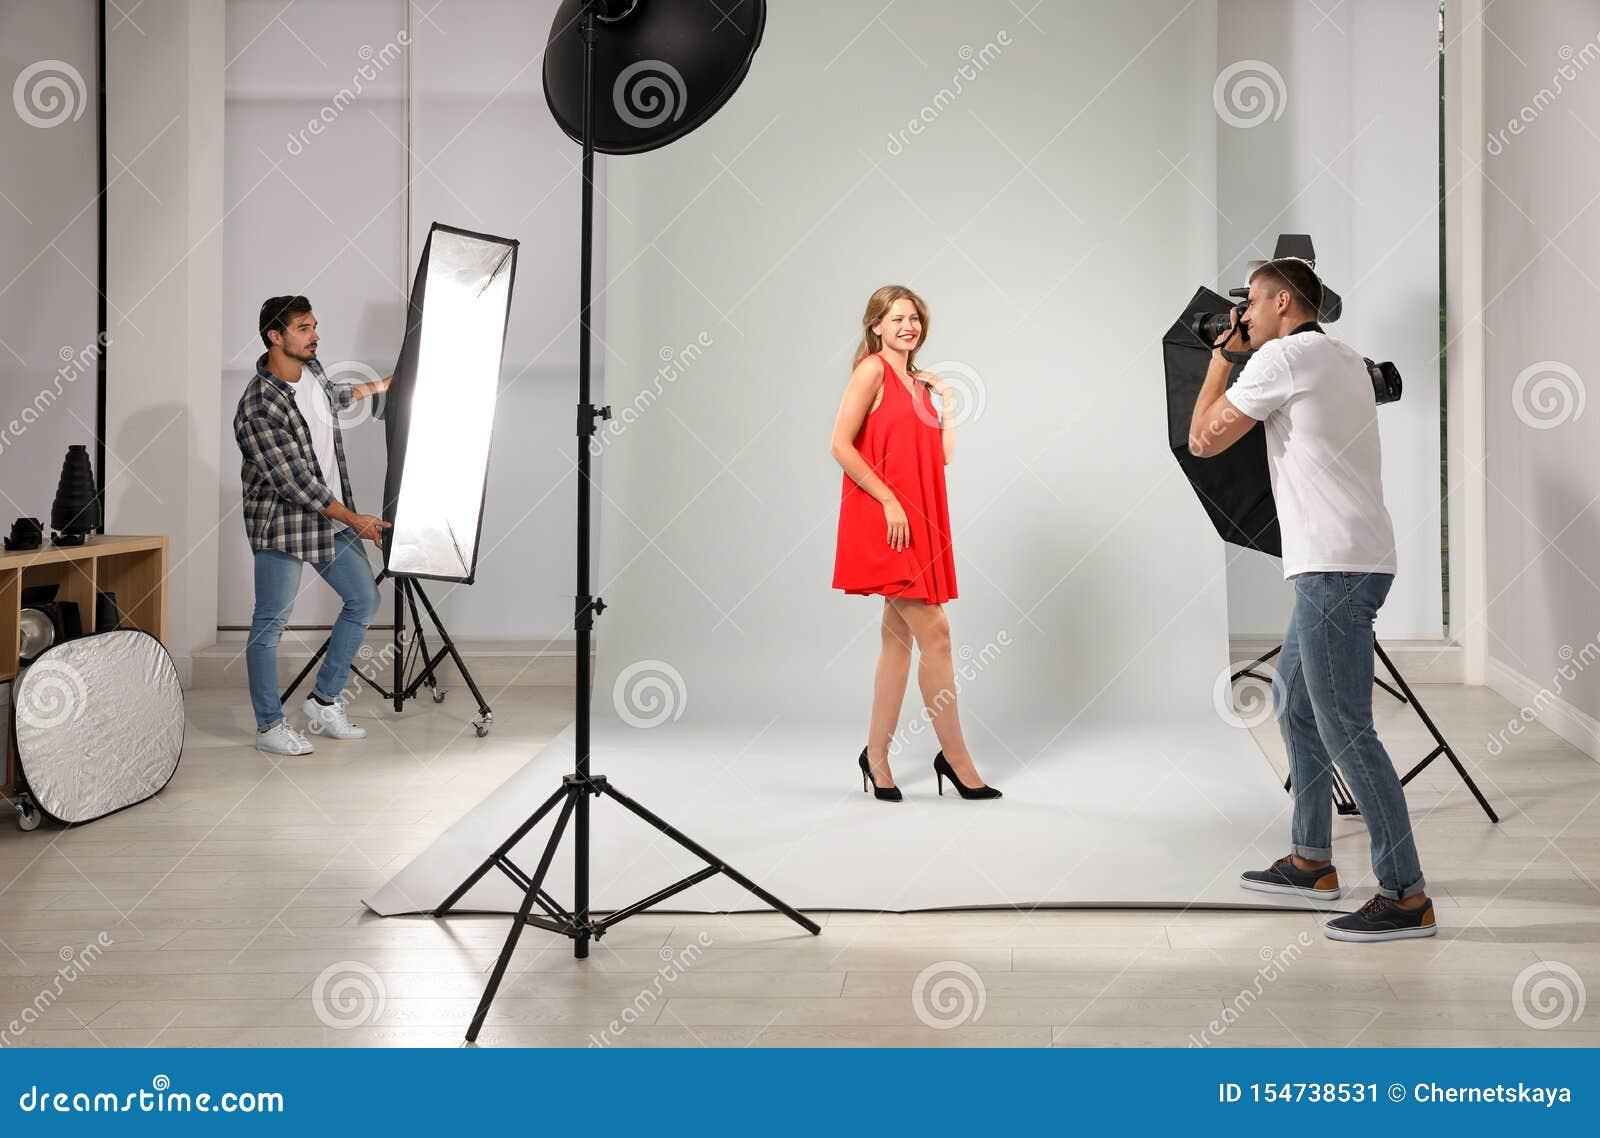 Professionele fotograaf met hulp nemend beeld van jonge vrouw